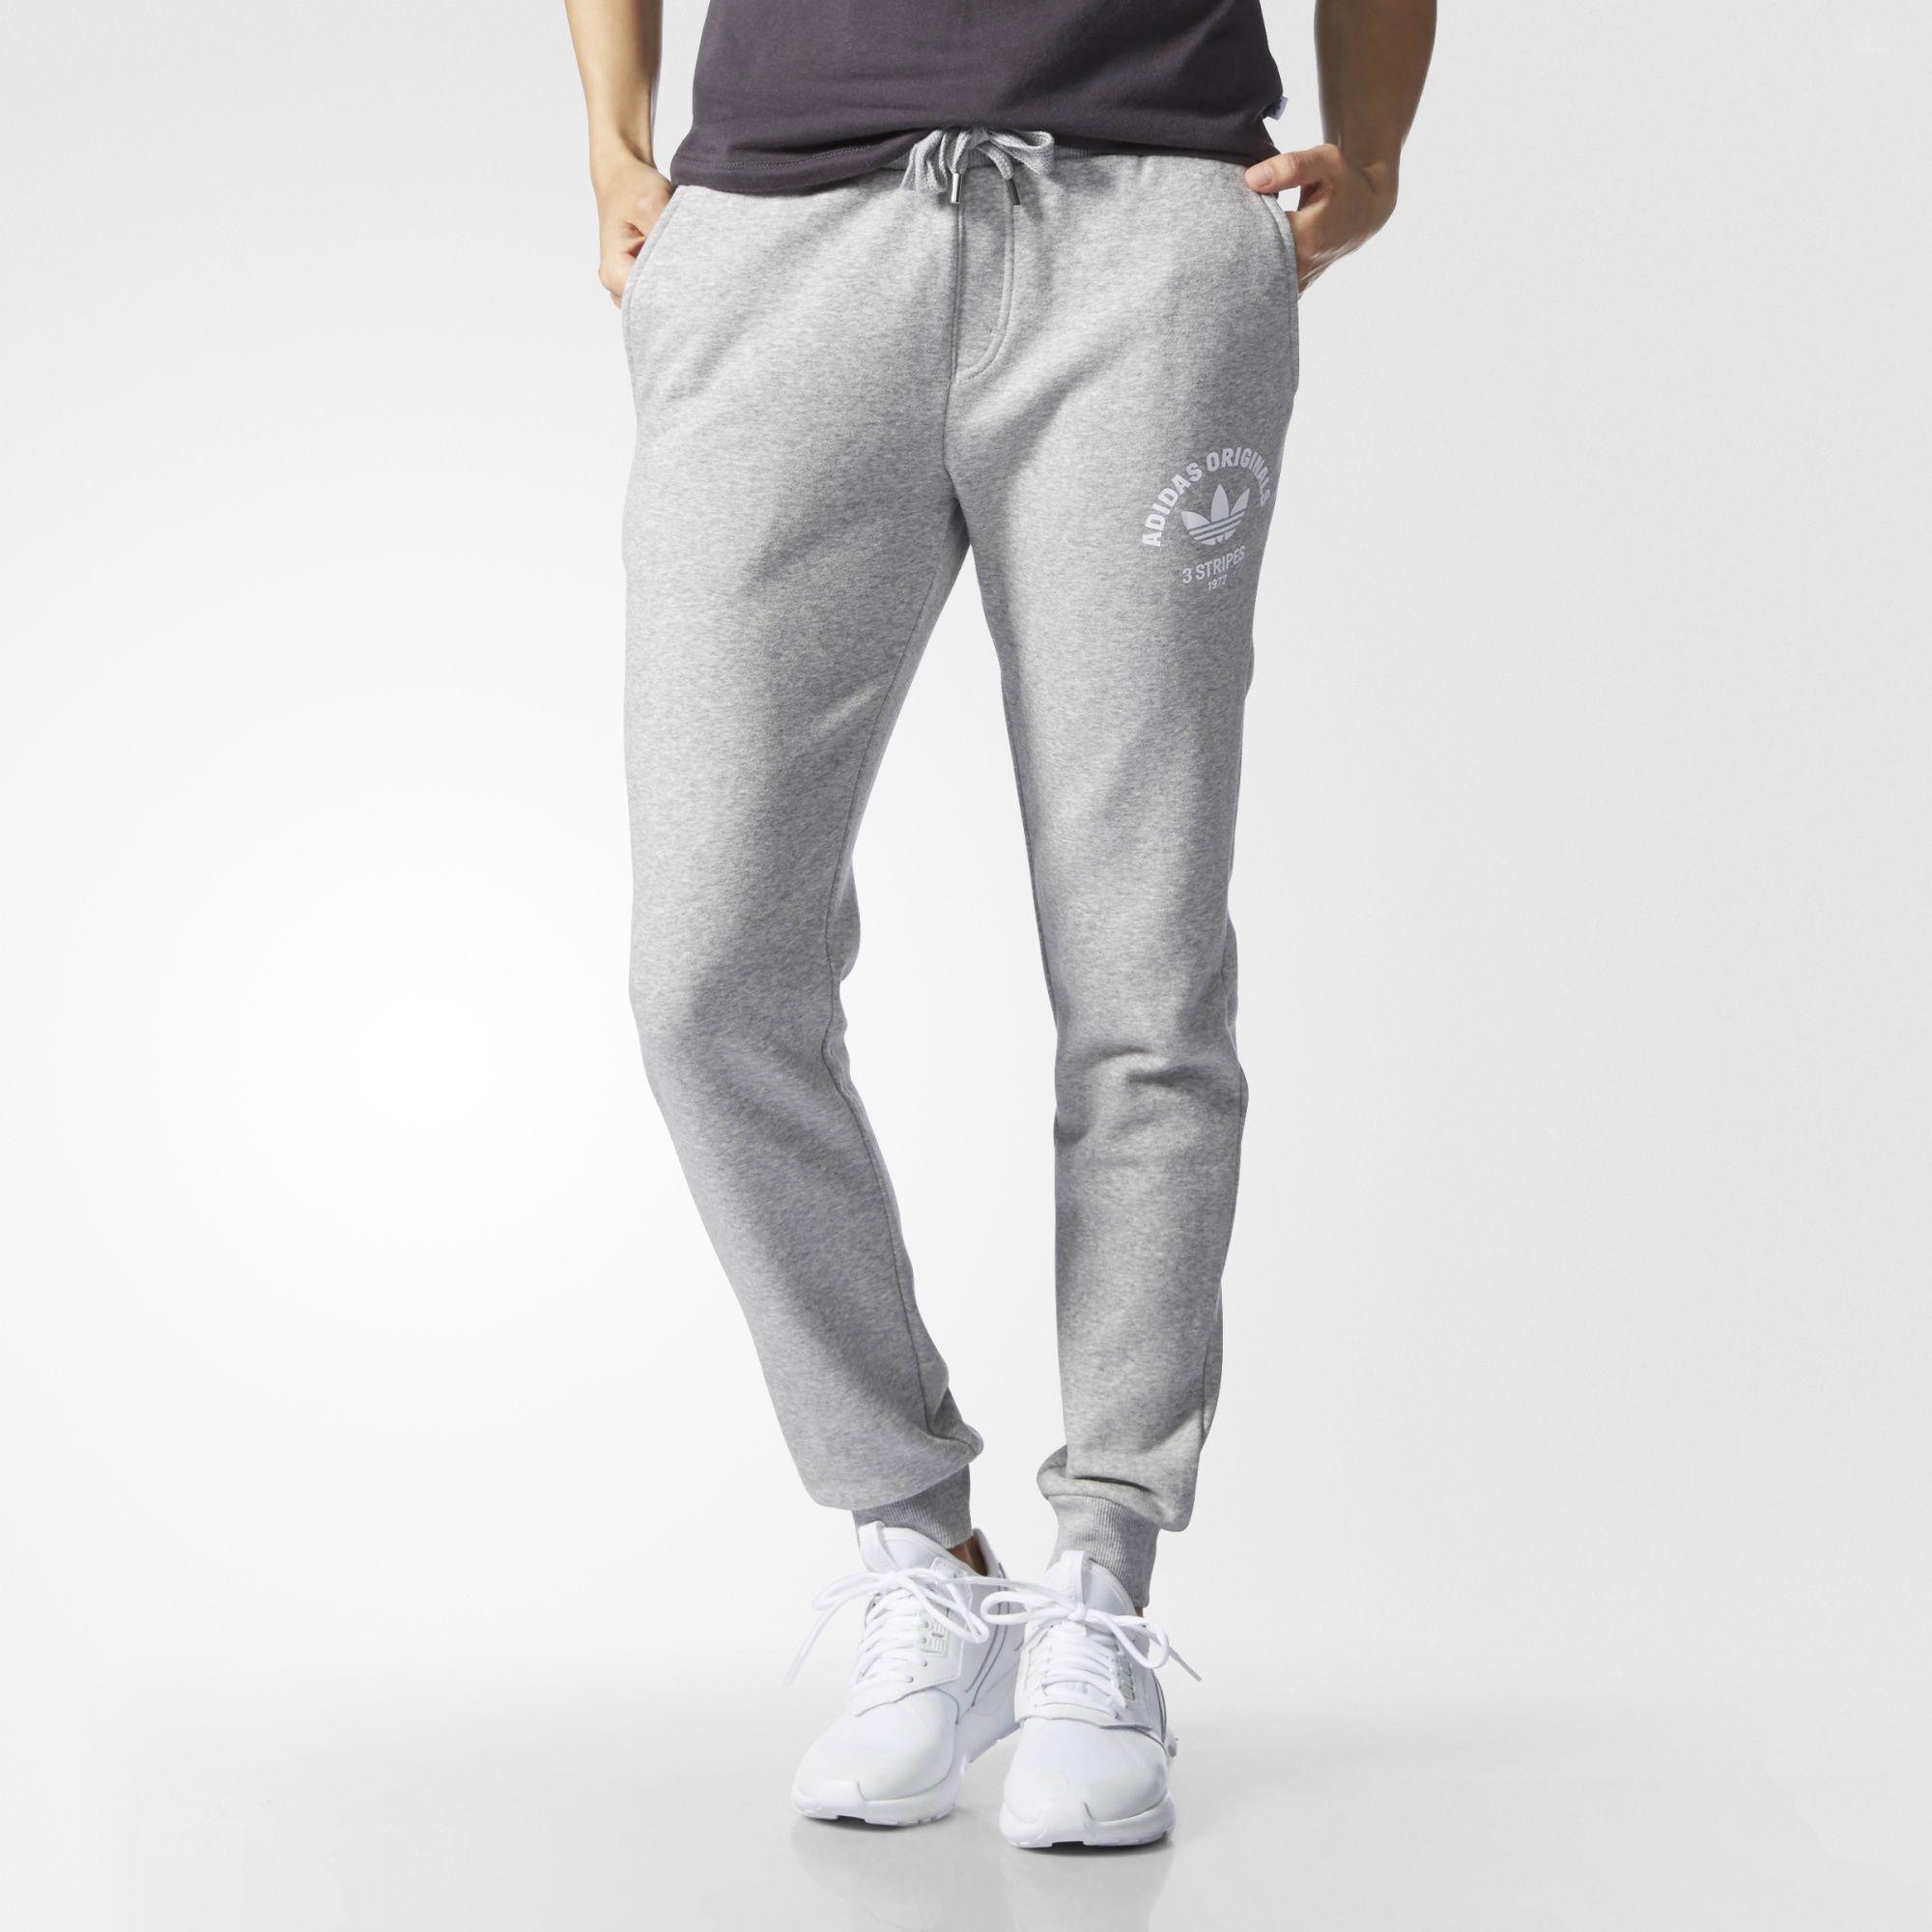 Pantalons pour femme | adidas FR | Commande maintenant